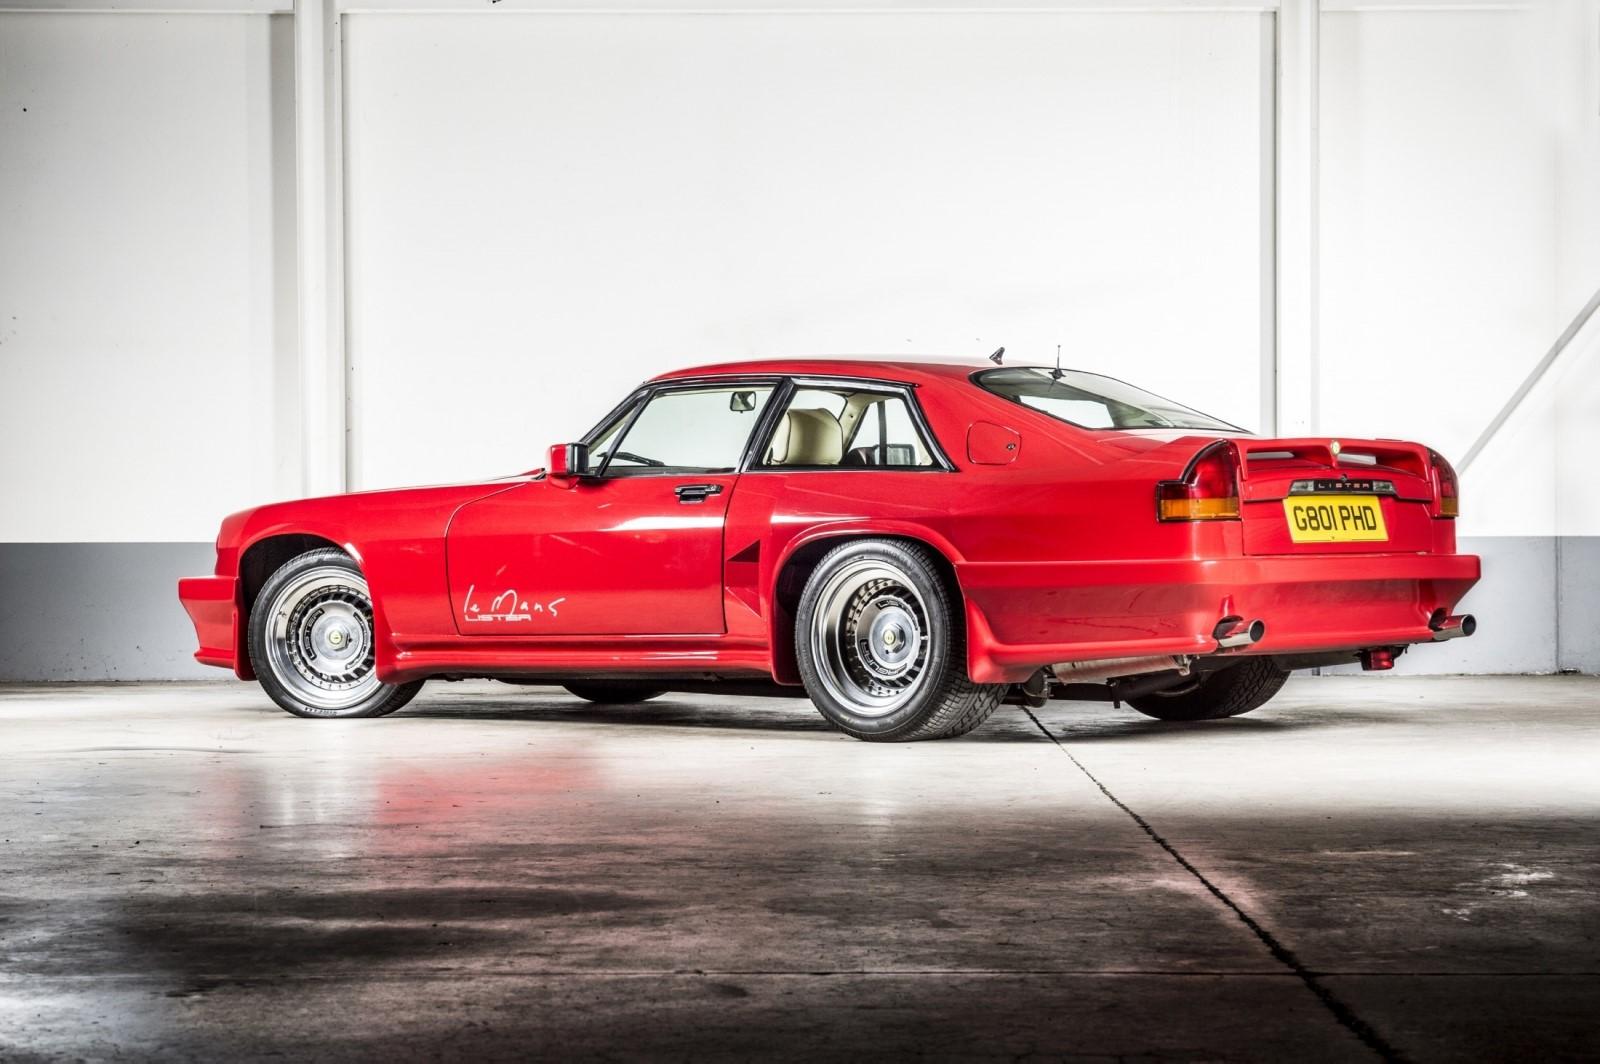 Lister Jaguar XJS 7.0 Le Mans Coupe for sale (2)